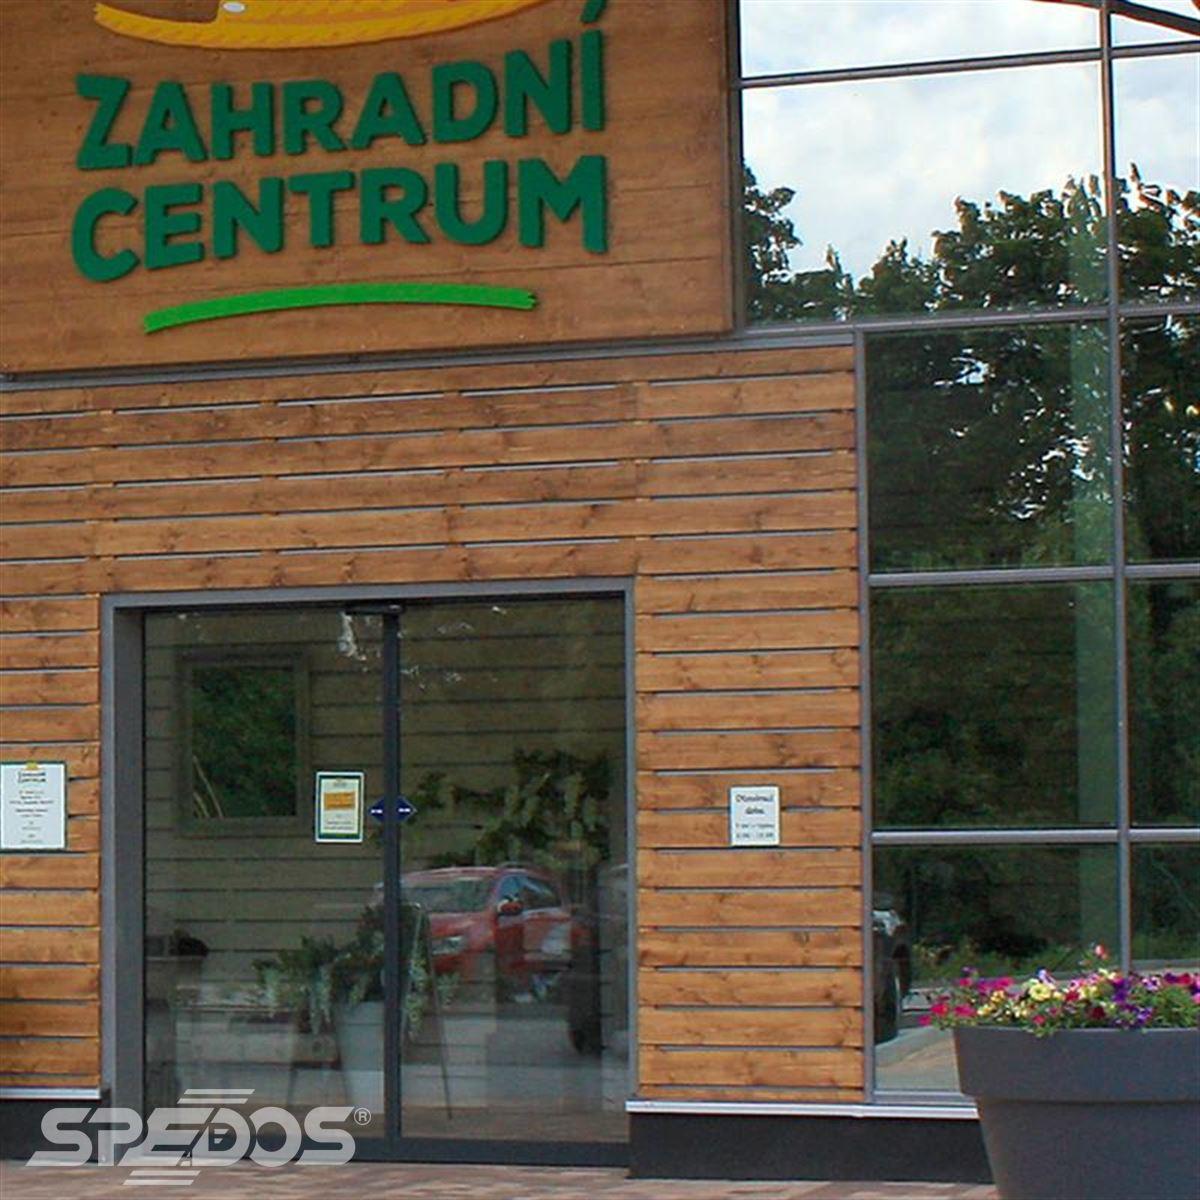 hliníkové prosklené konstrukce pro zahradní centrum